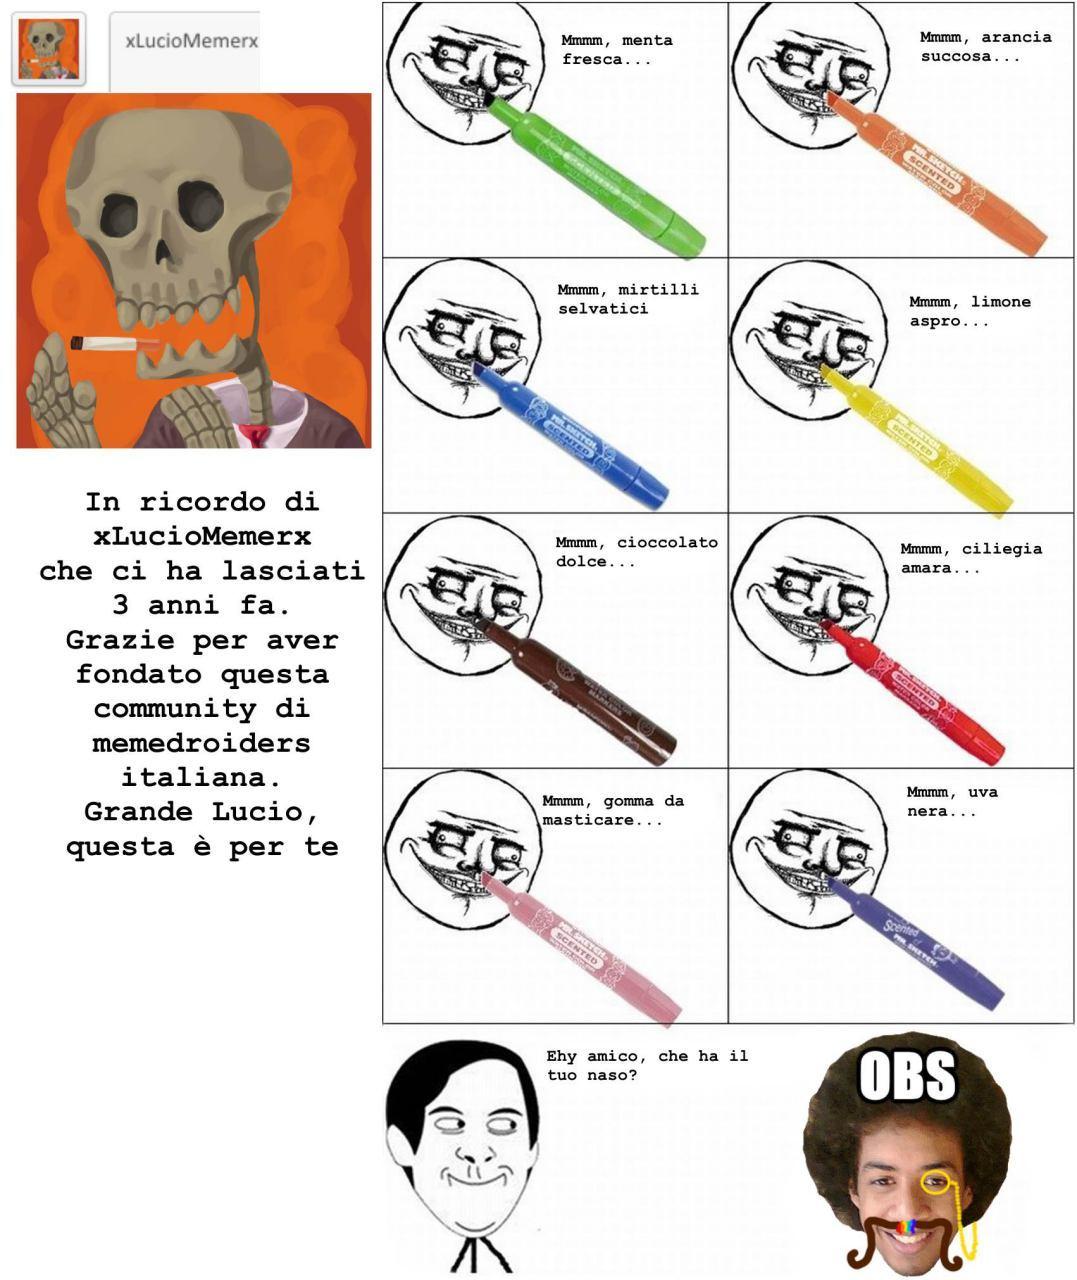 PER FAVORE FATE PASSARE PER RISPETTO DI QUESTA COMMUNITY - meme